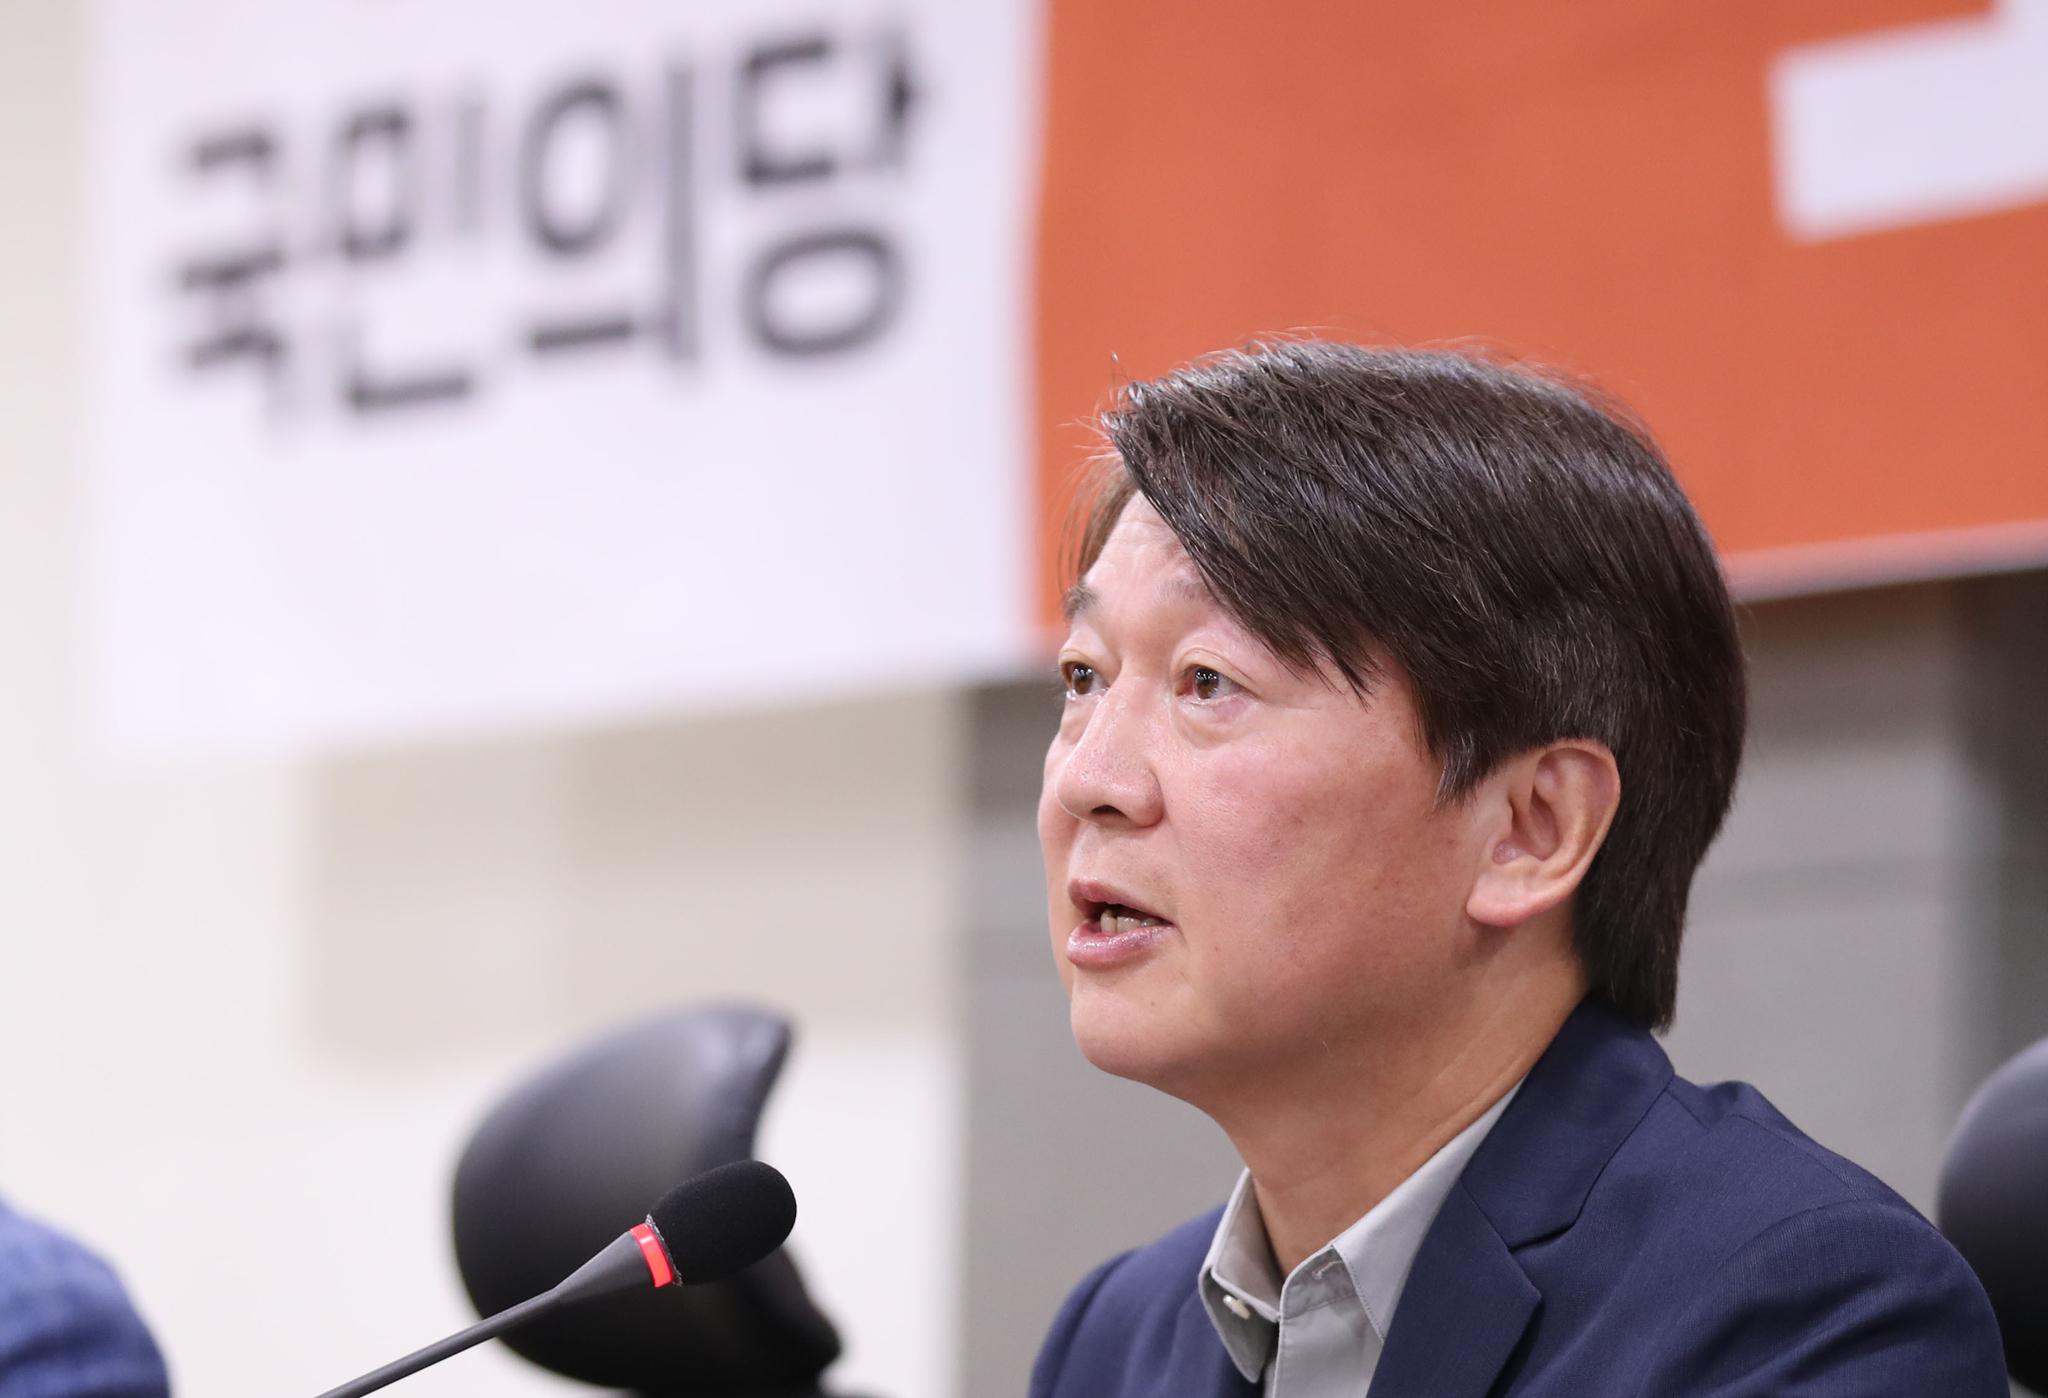 국민의당 안철수 대표가 25일 오전 국회 의원회관에서 열린 최고위원회의에서 발언하고 있다. 연합뉴스